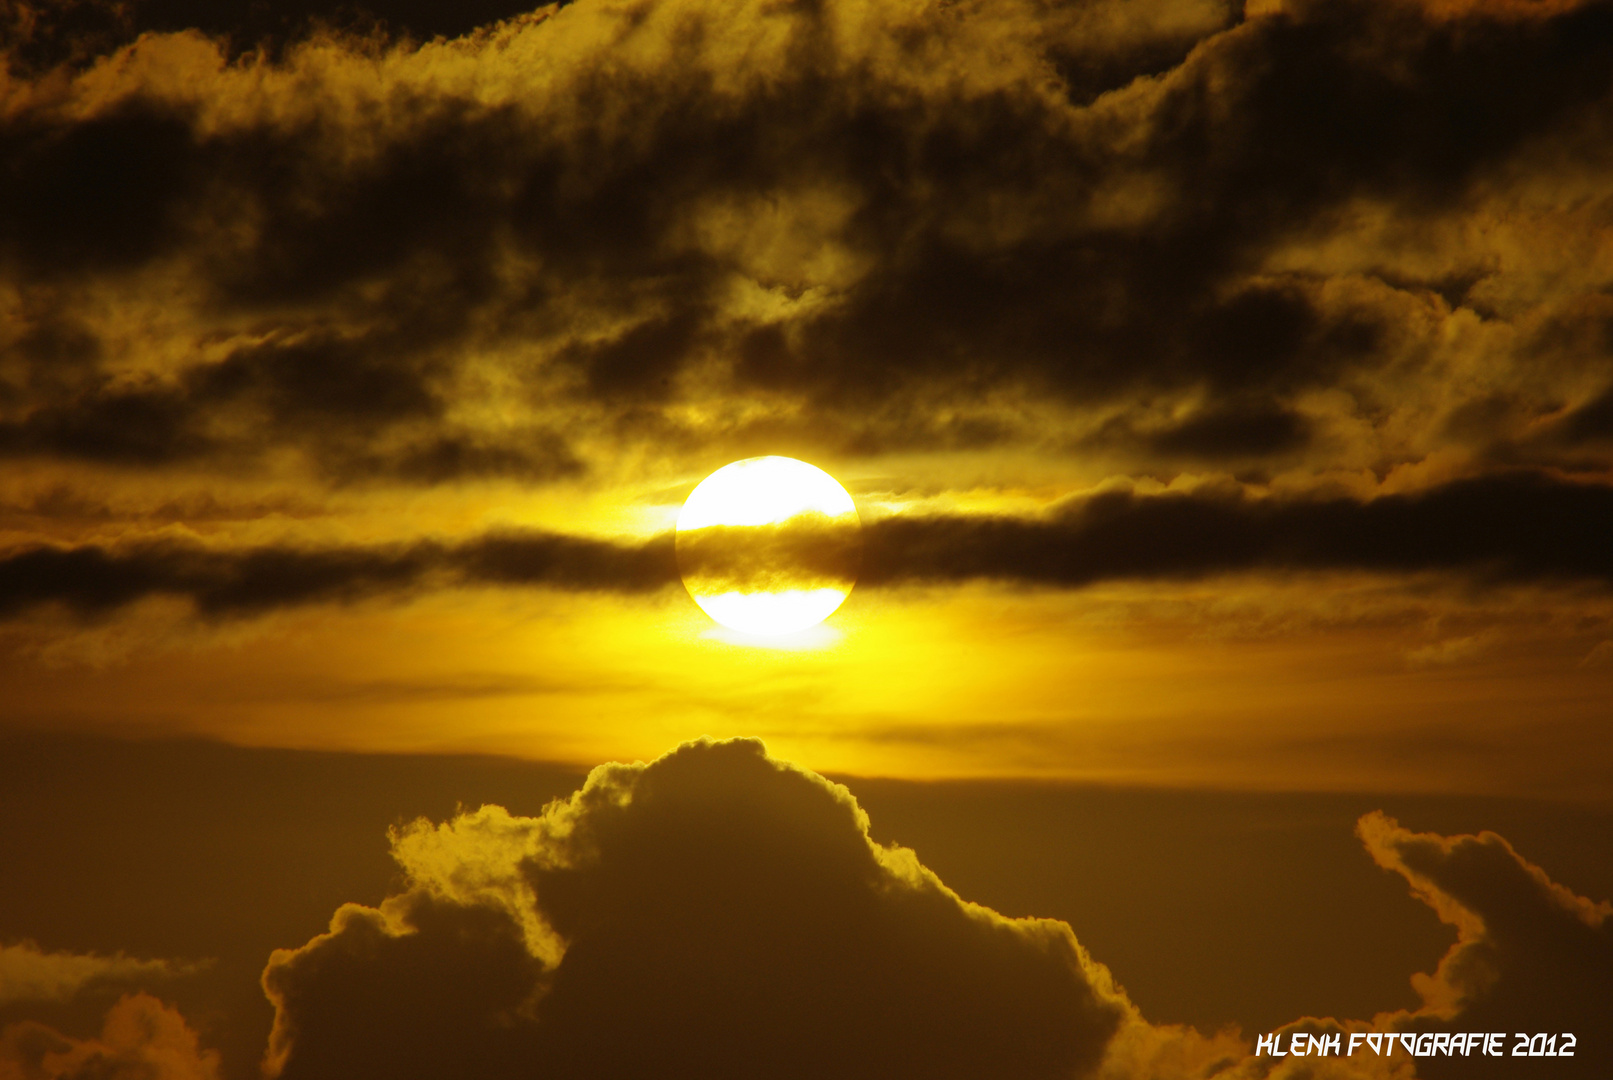 Sonnenuntergang Utersum/Föhr 2012